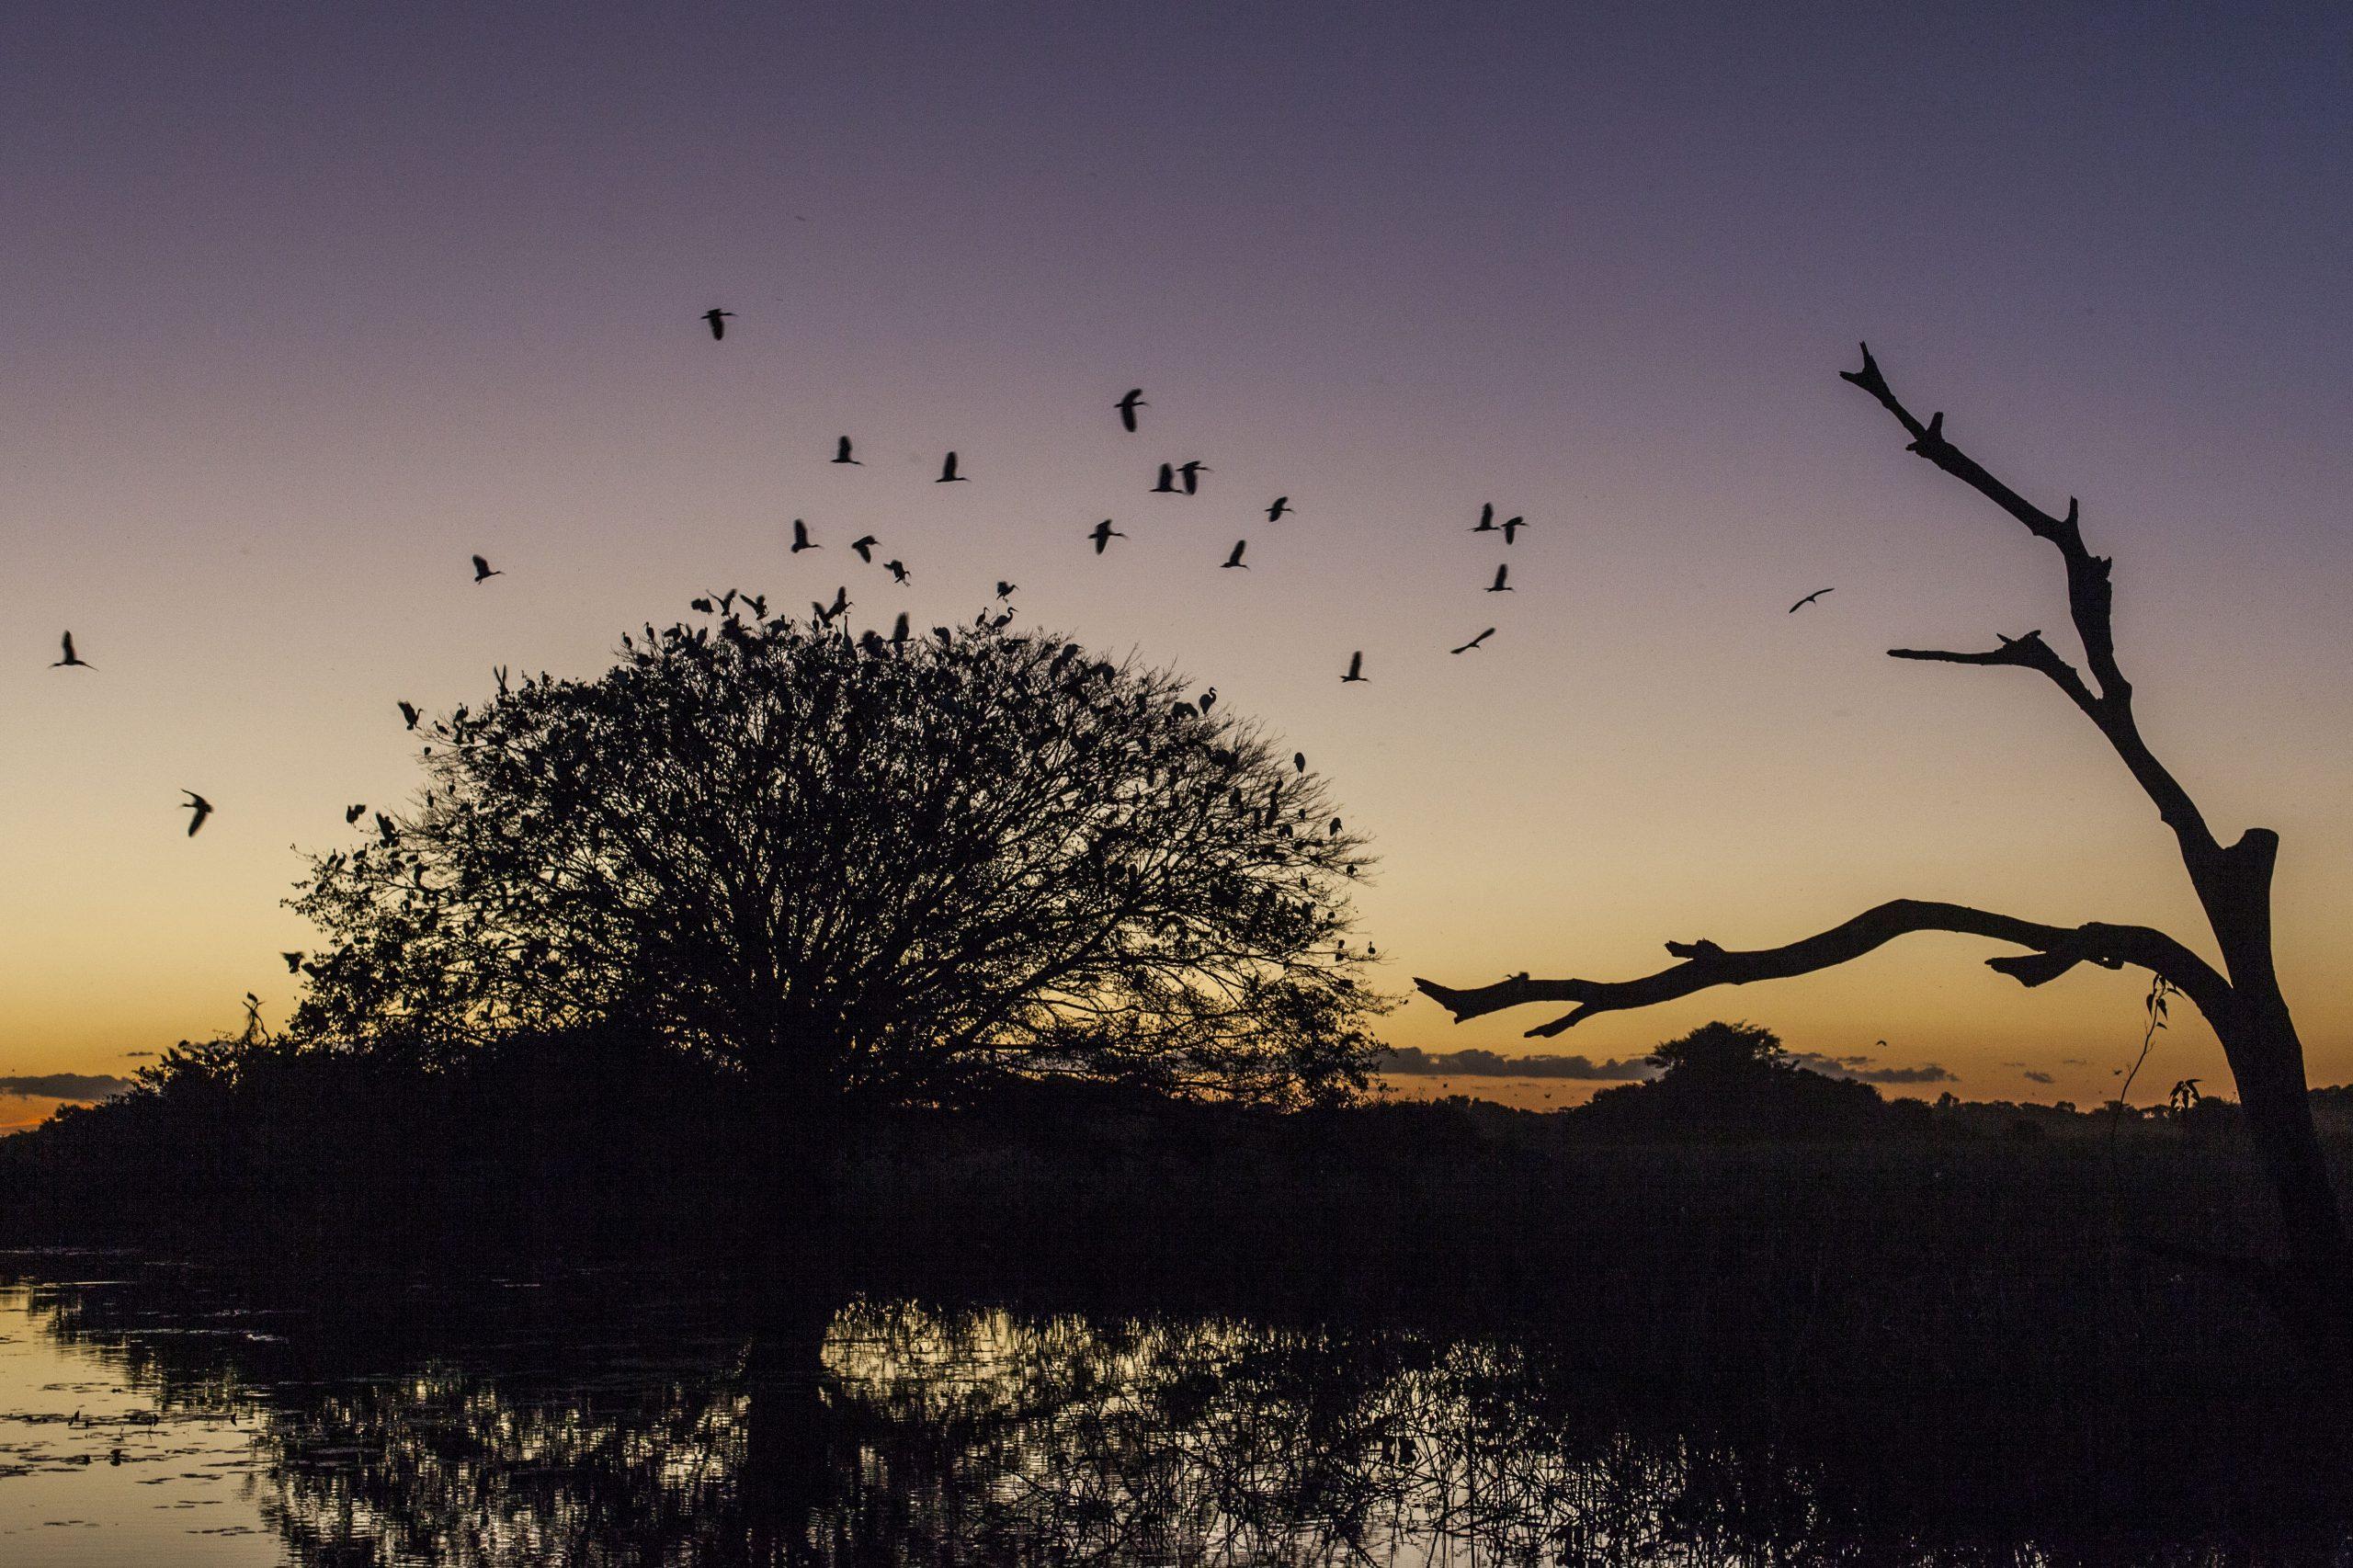 Revoada de tapicurus no Pantanal em Poconé, Mato Grosso